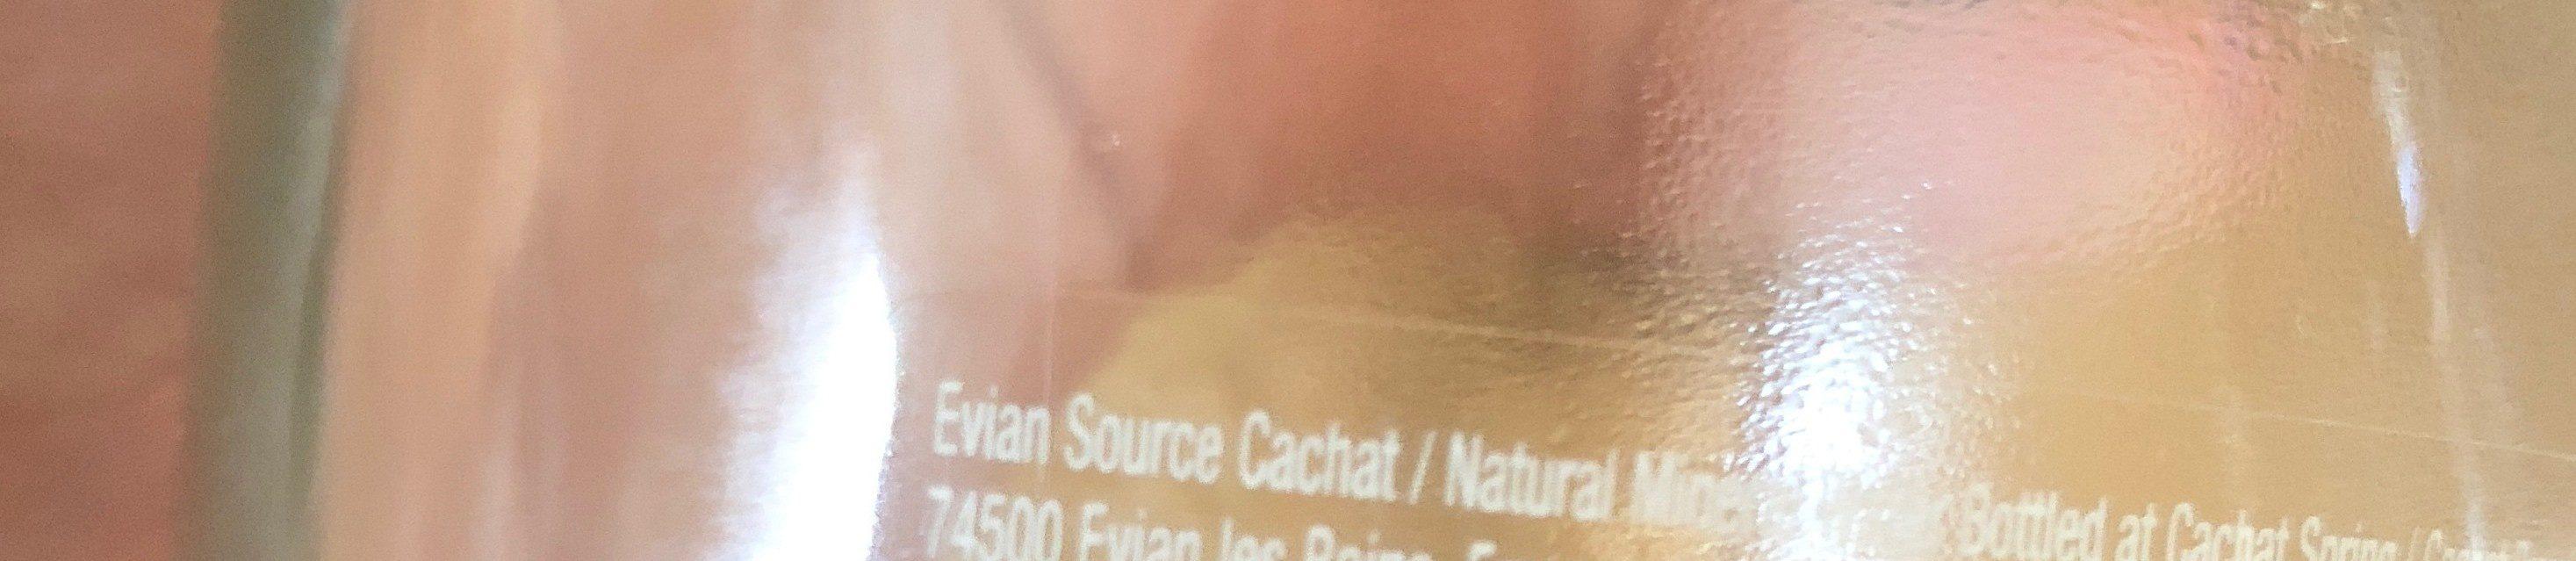 Evian Pure, Ohne Kohlensäure, Einweg, Glasflasche - 0.75L - Ingredients - fr